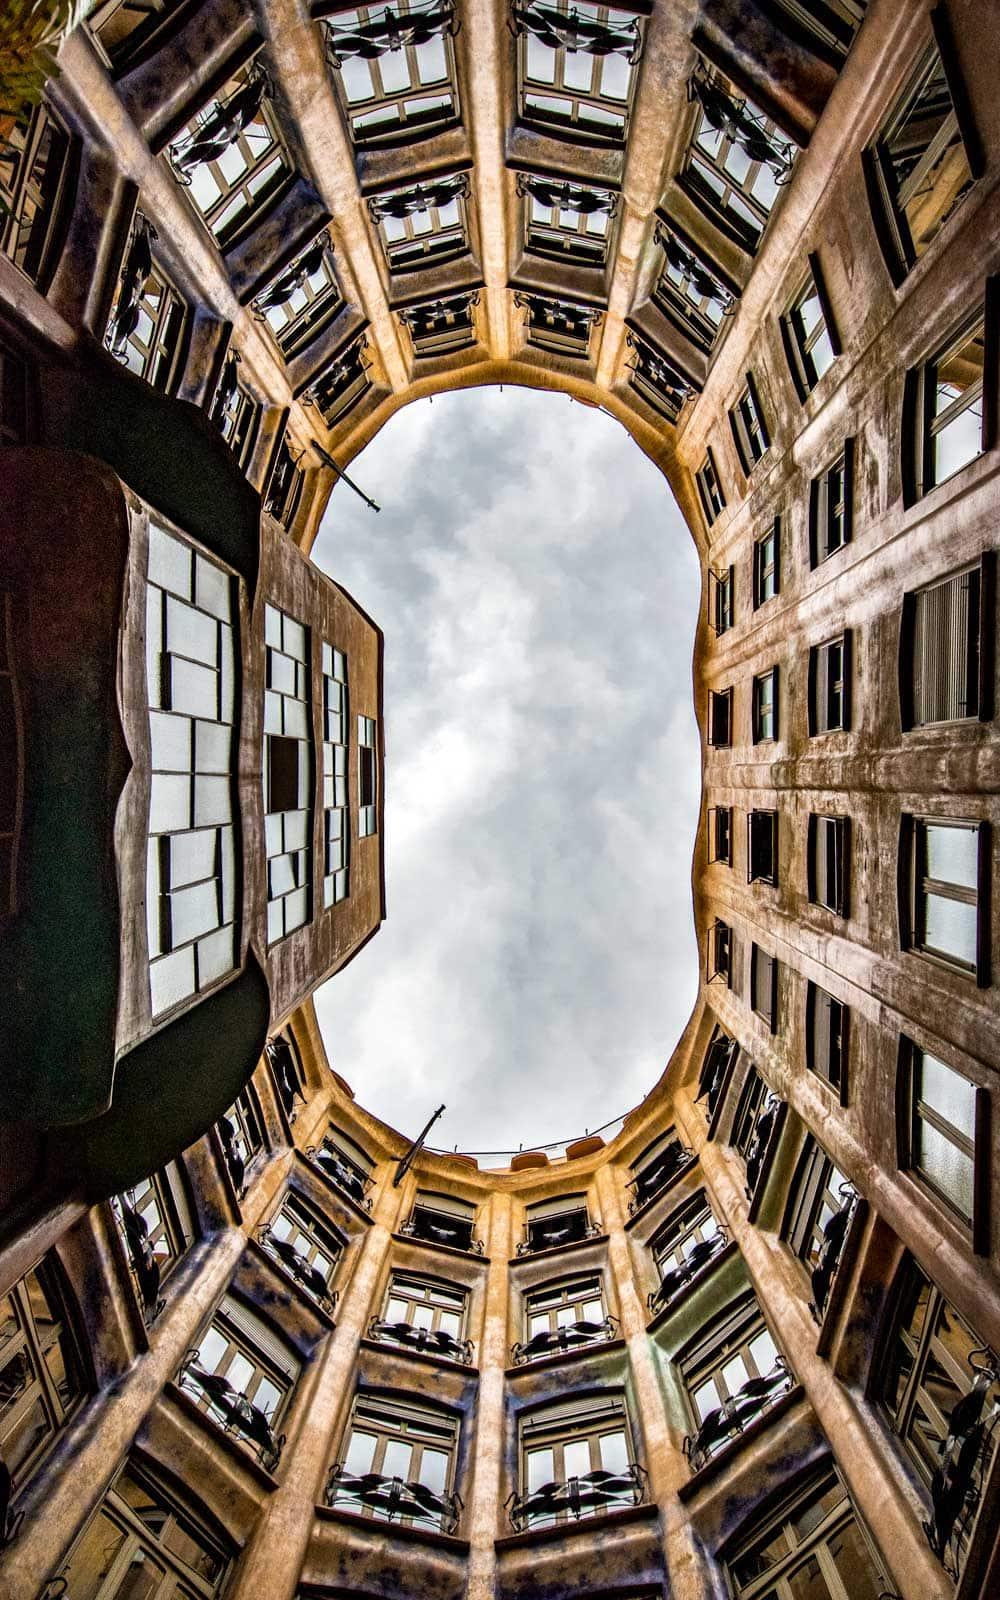 Barcelona facts - casa mila architecture